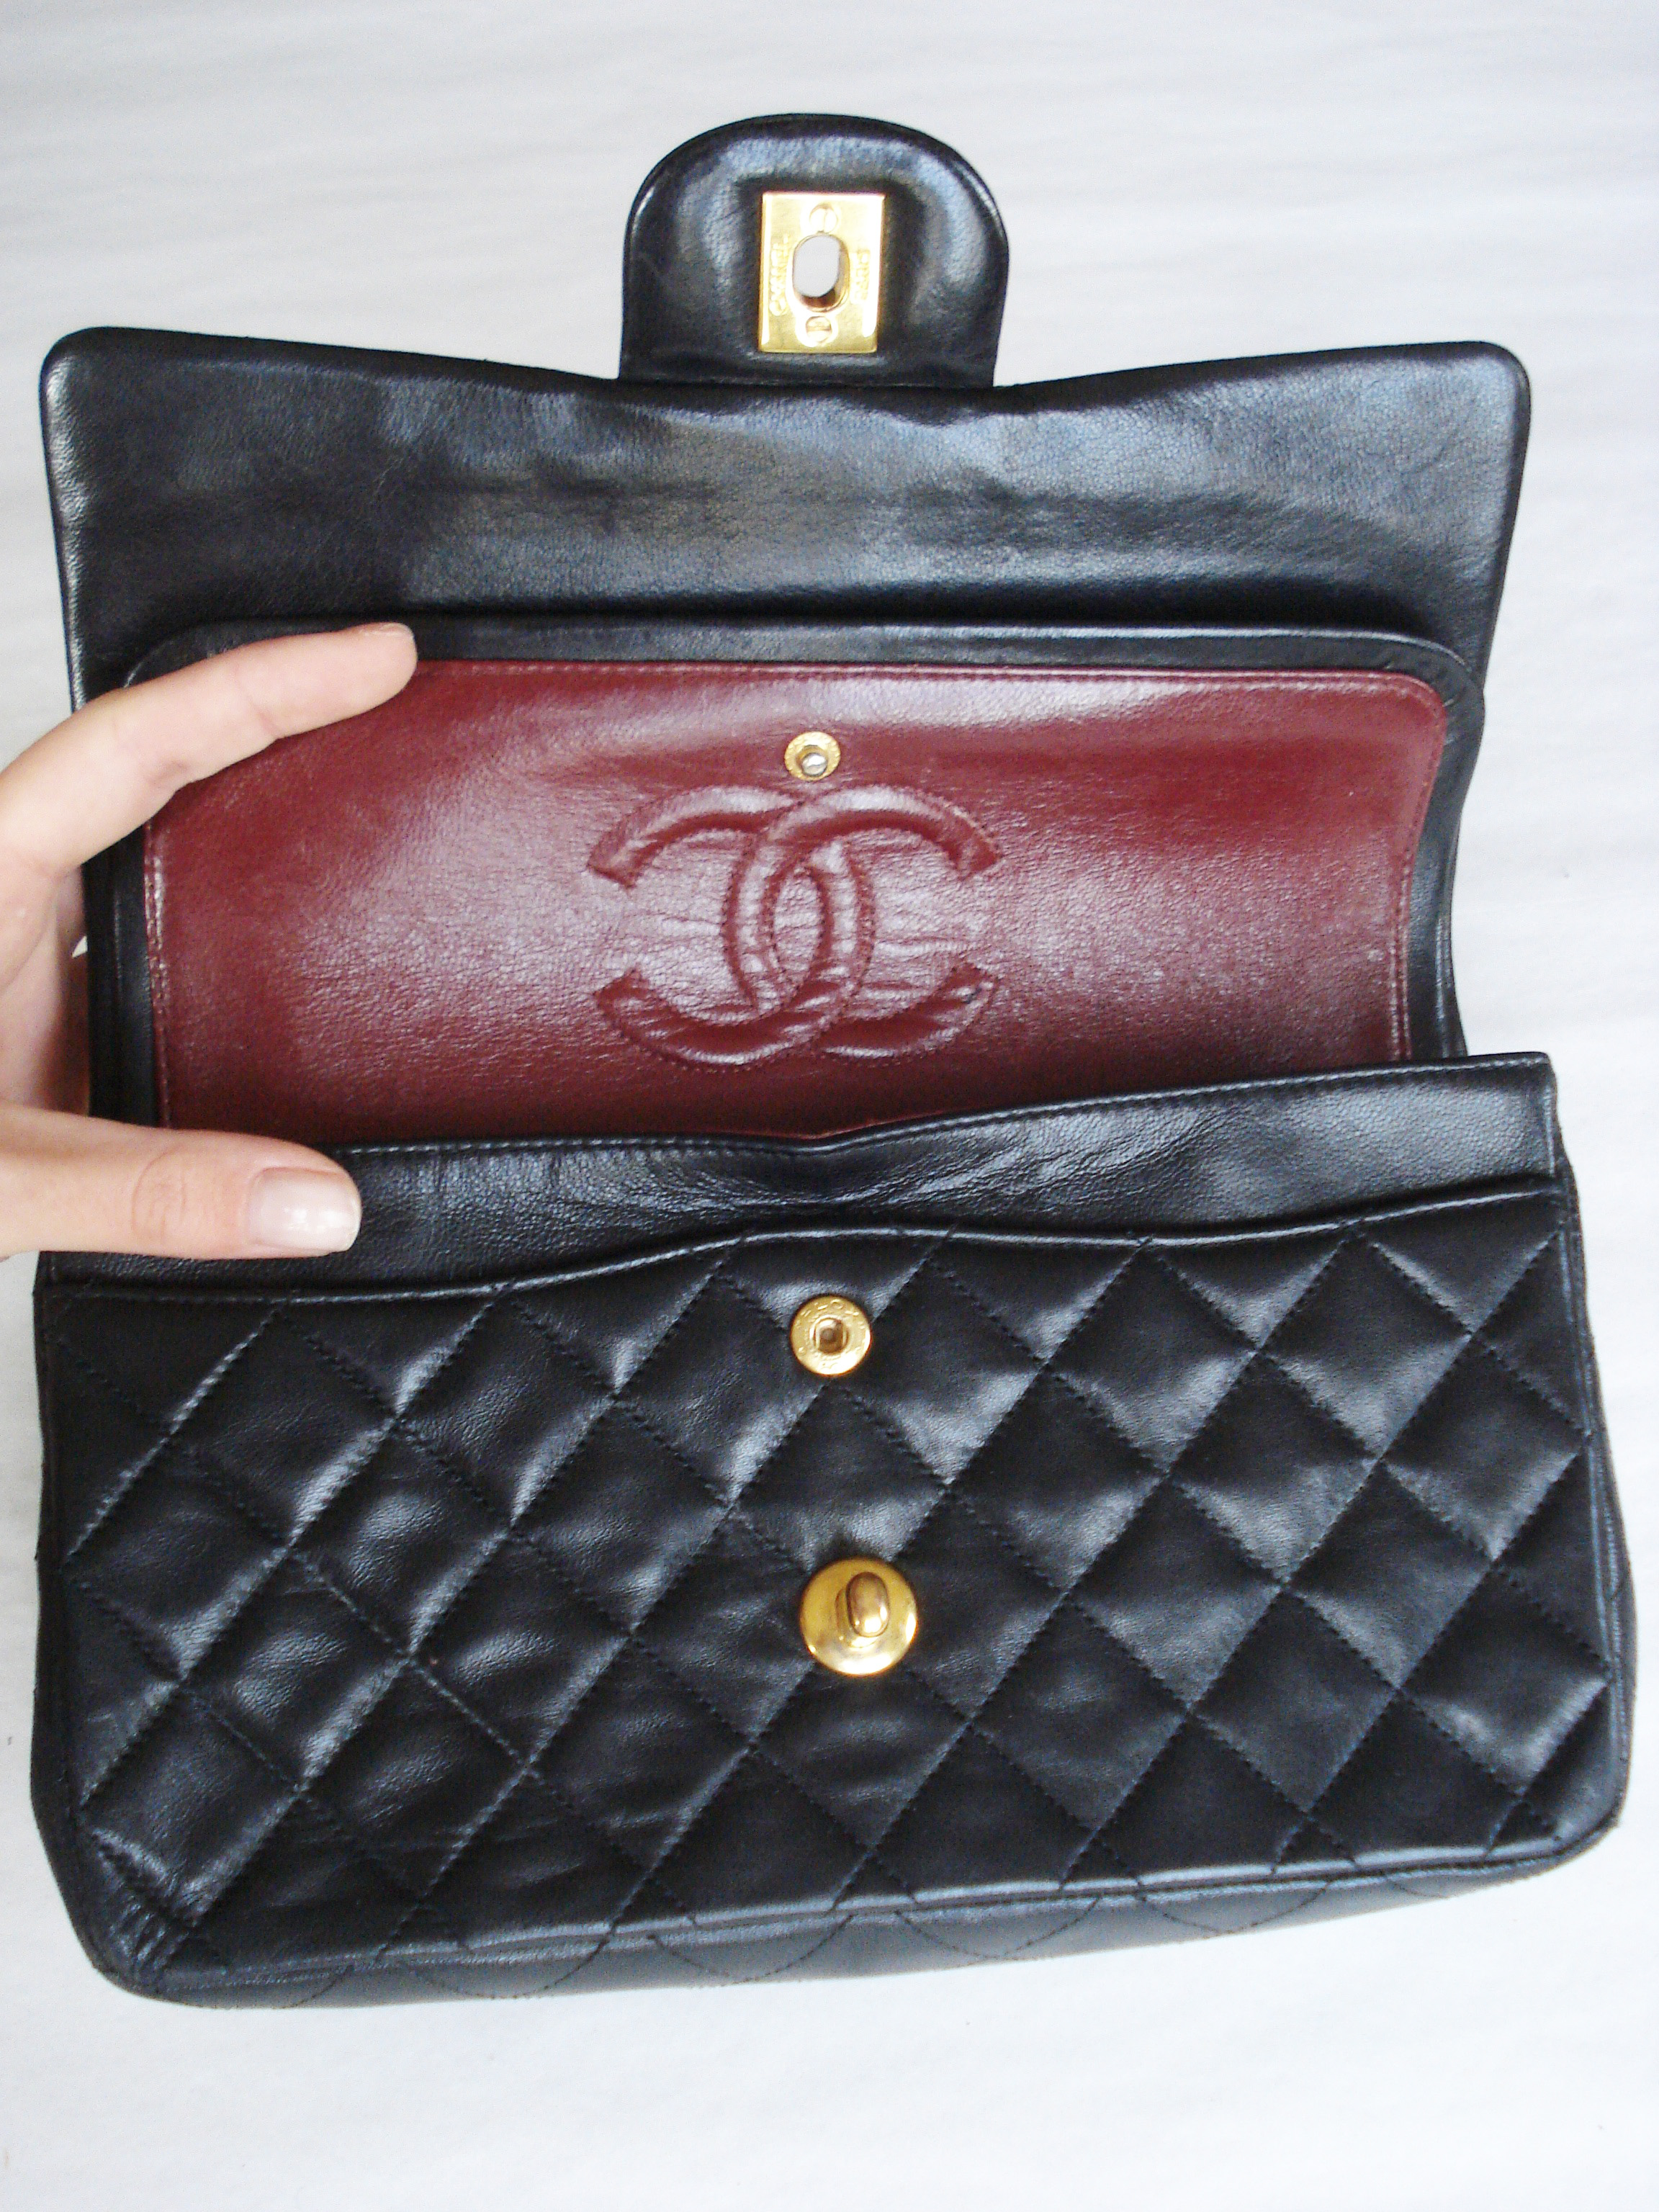 be3df28eaa36fa acheter faux sac chanel,comment reconnaitre un faux sac chanel